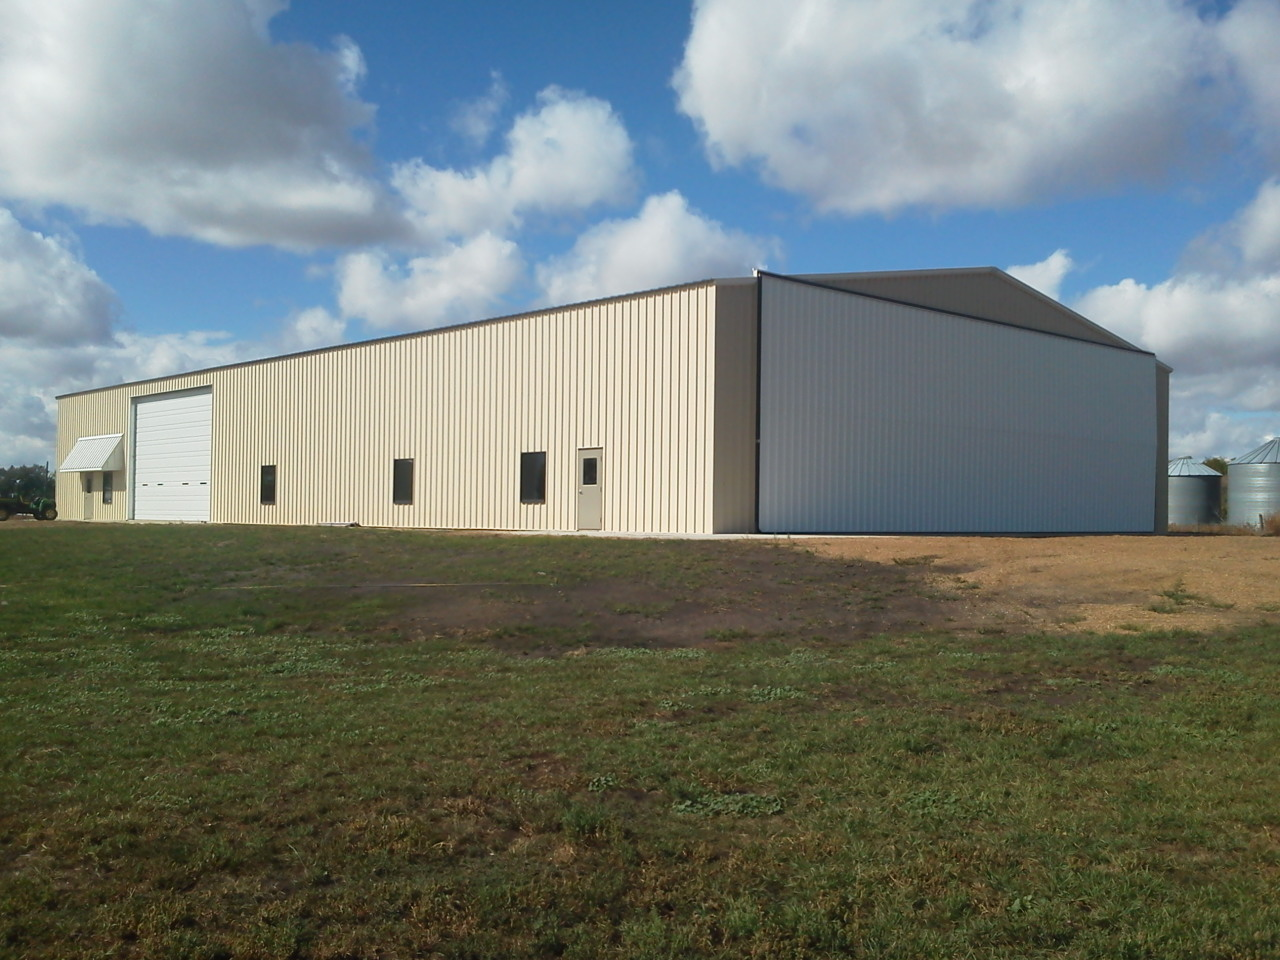 80x150 Storage Building